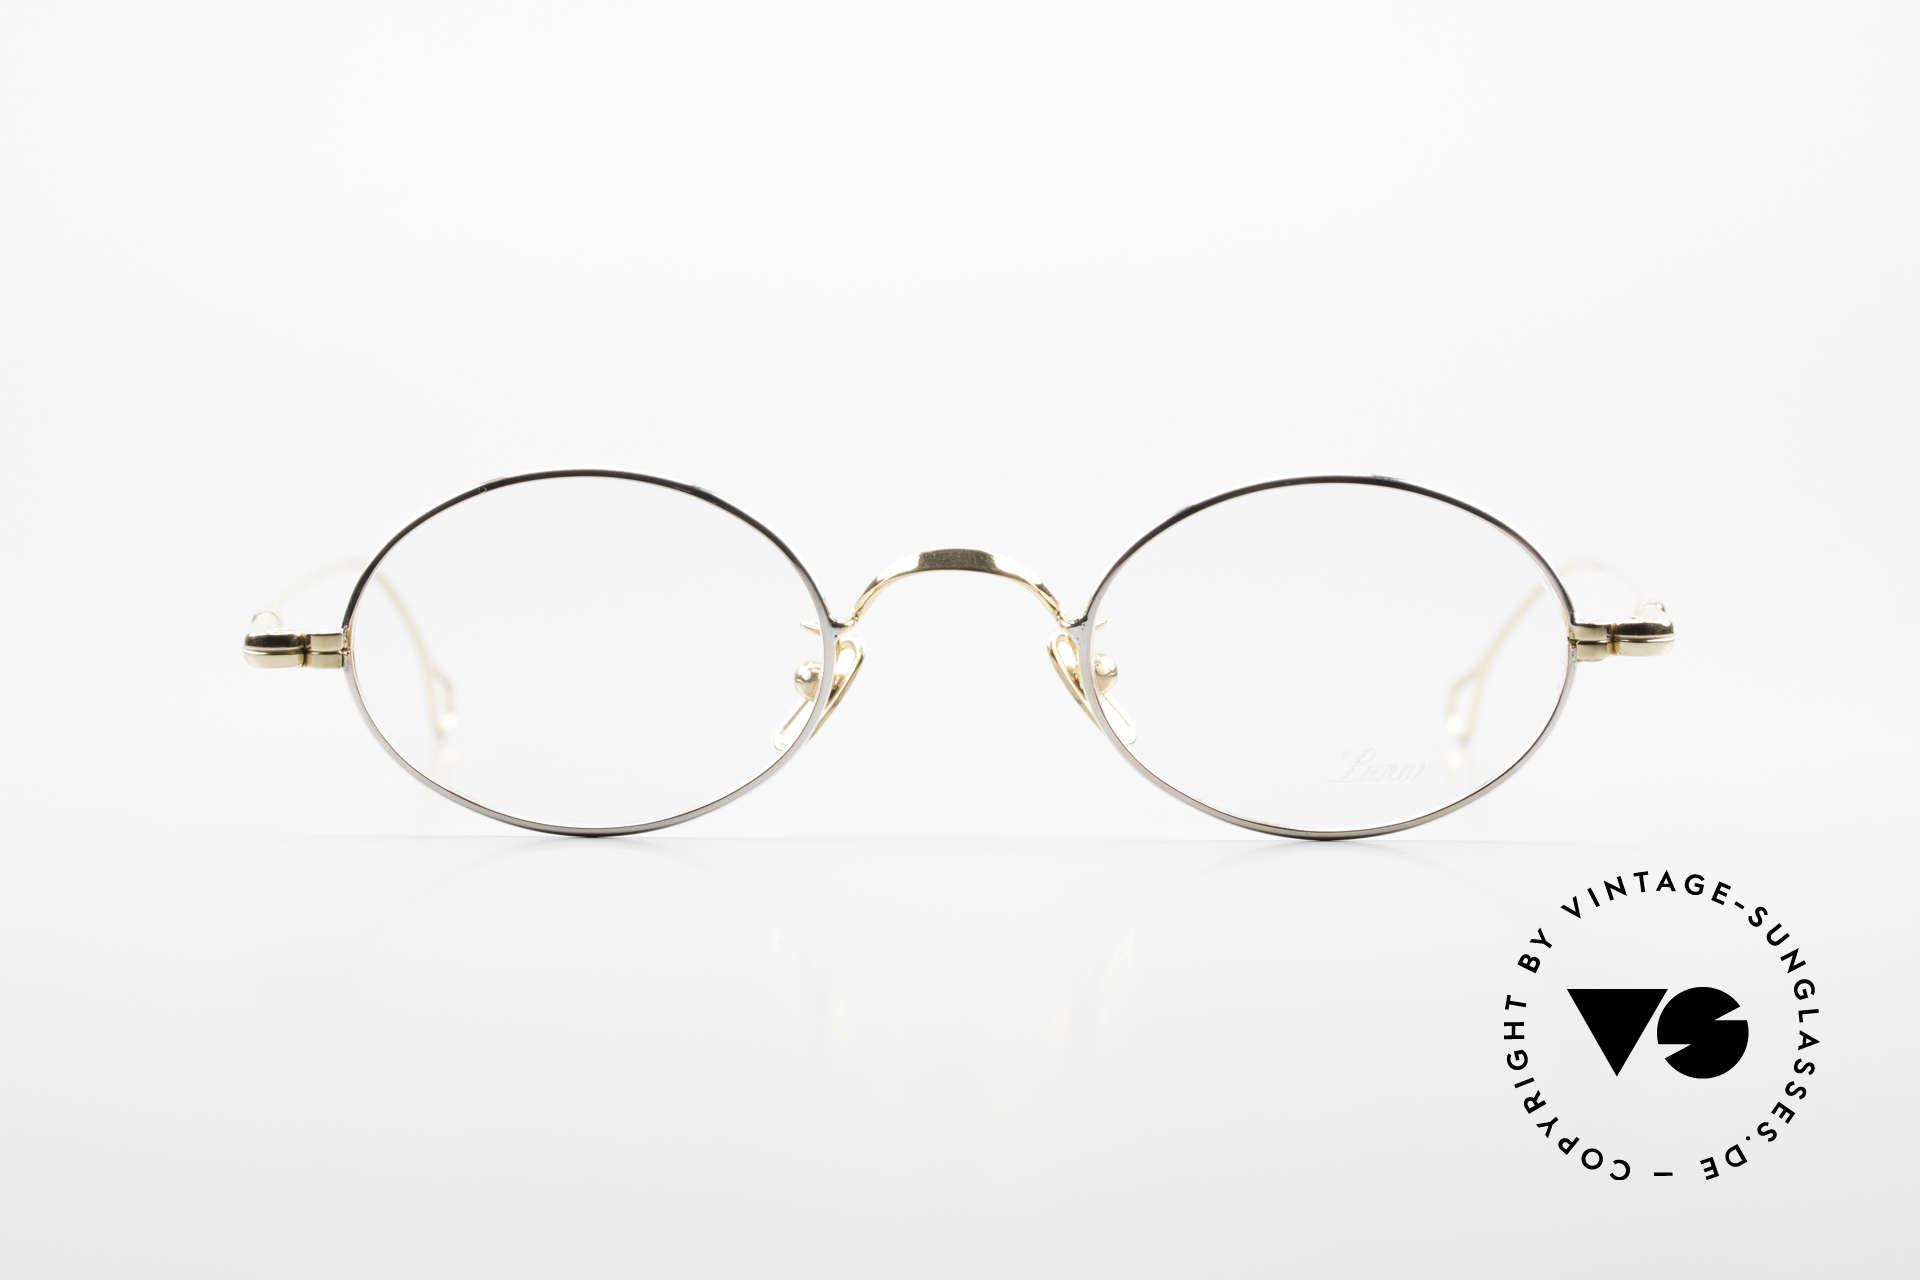 Lunor V 100 Ovale Lunor Brille Bicolor, ohne große Logos; stattdessen in zeitloser Eleganz, Passend für Herren und Damen